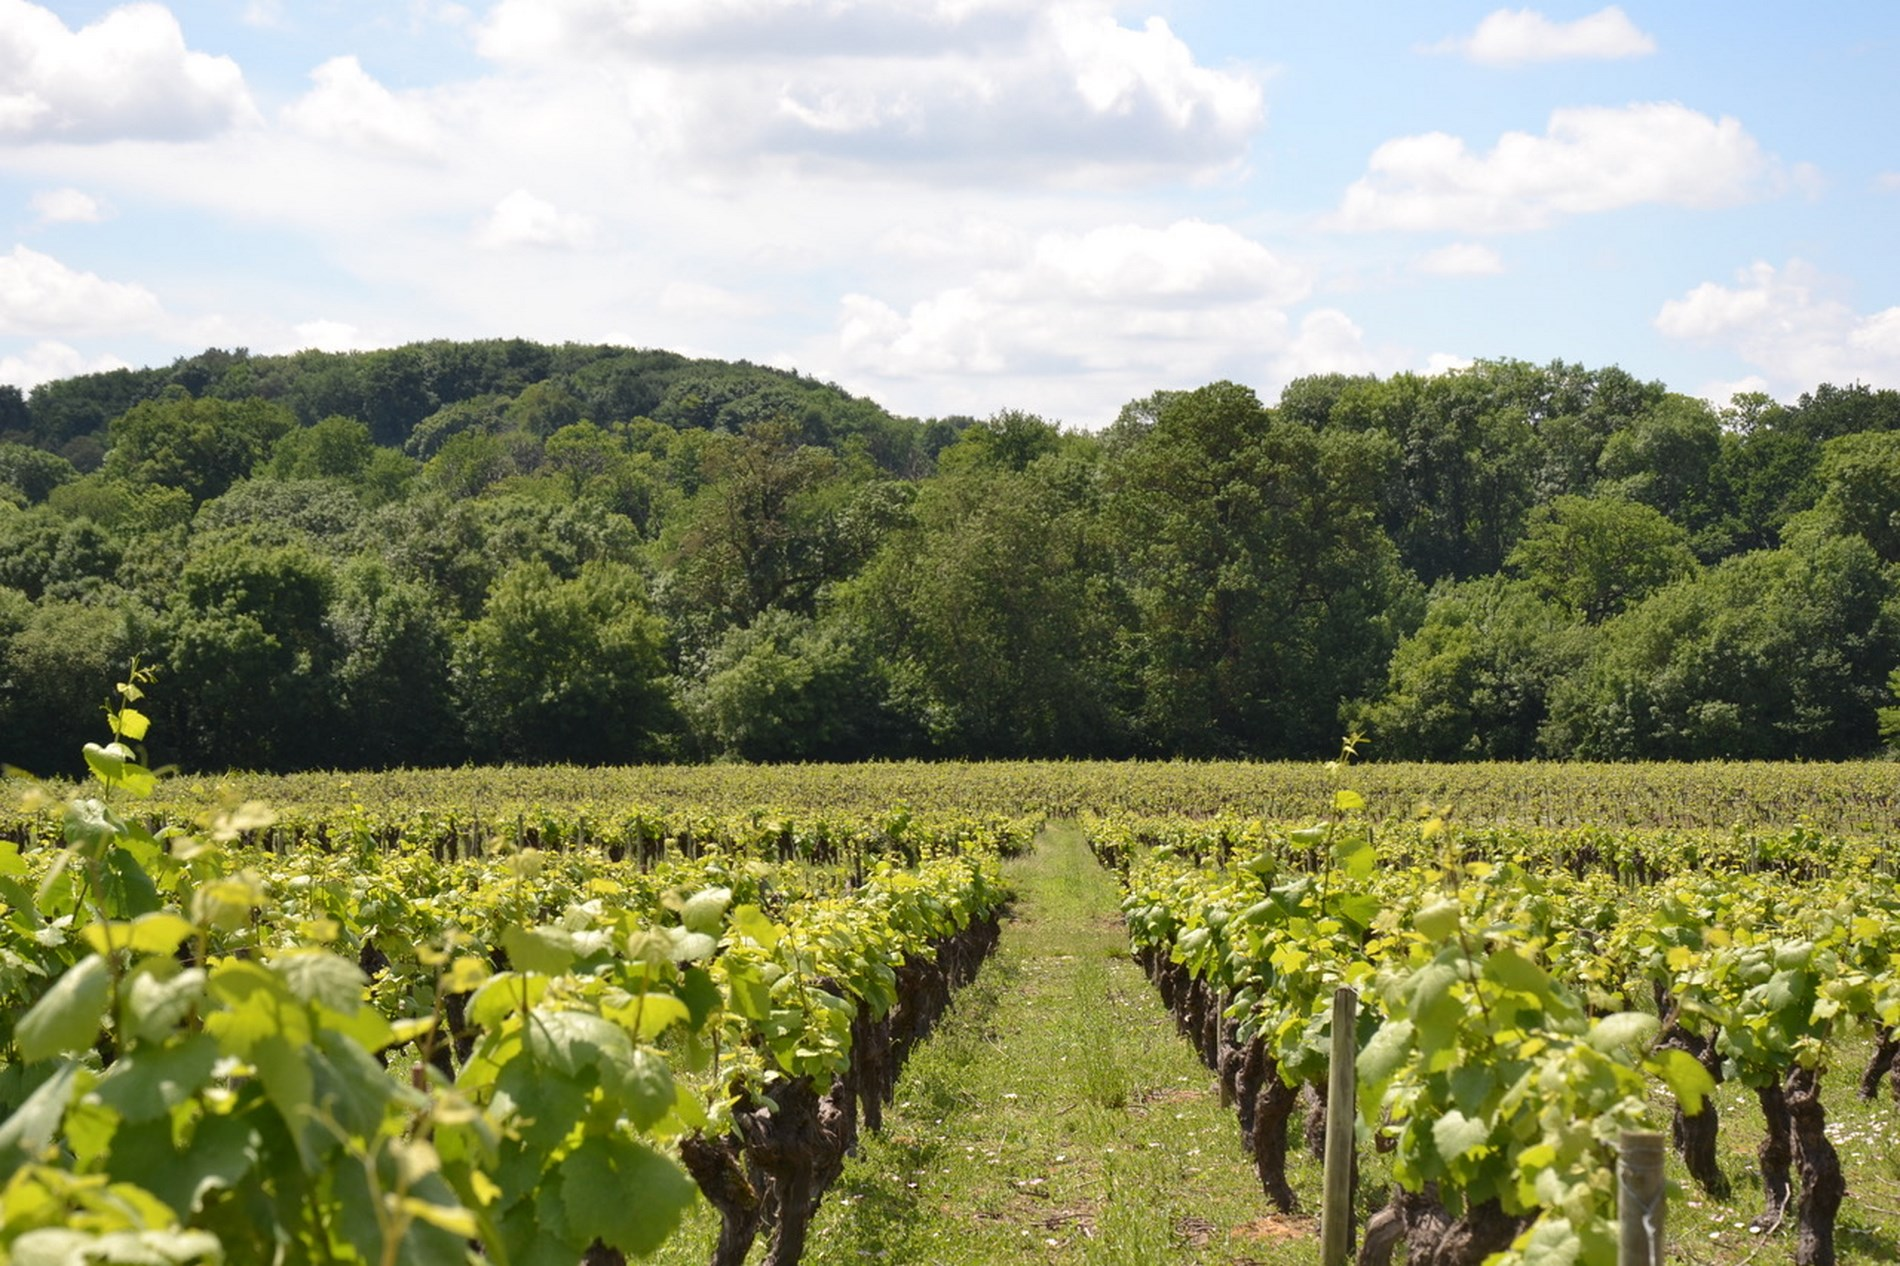 Sillonnez Le Vignoble Avec Les Routes Des Vins Du Val De Loire Voyage Dans Nantes Et Panoramas Pour Voyages Ponctus